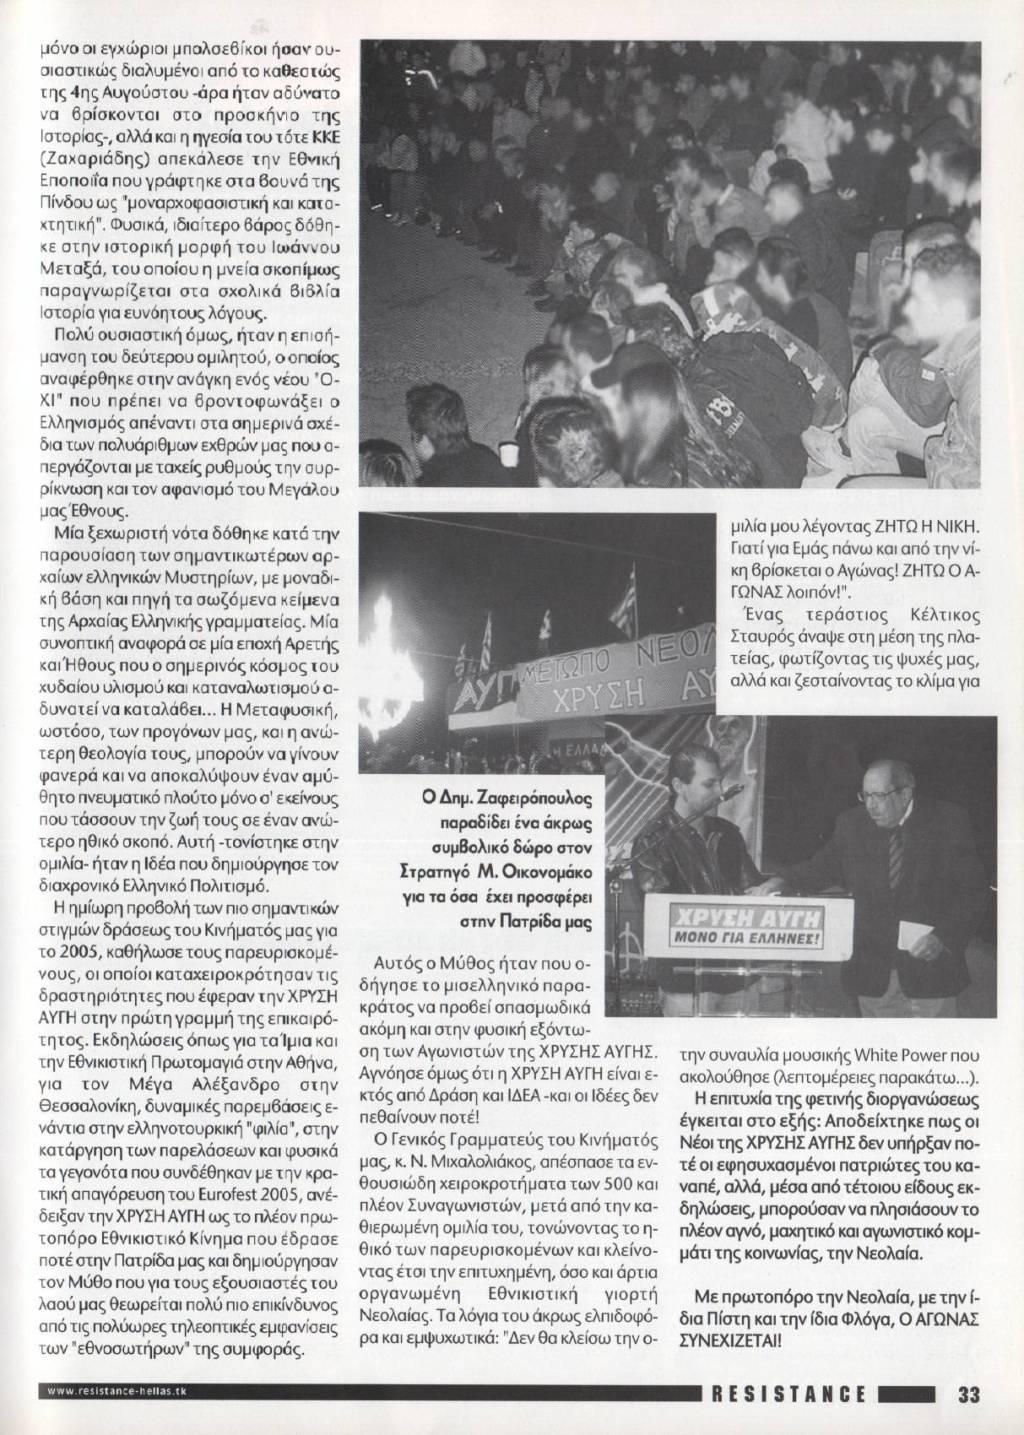 2005-12-ΔΕΚ-ΑΝΤΕΠΙΘΕΣΗ-ΤΧ#25-ΣΕΛ-33 - 6η Γιορτή Νεολαίας Χρυσή Αυγή 2005-10-29 Ομιλητές Κωτούλας + Αλέξανδρος - ΑΝΤΕΠΙΘΕΣΗ, Α.Τ. 25, 12-2005, σελ. 33